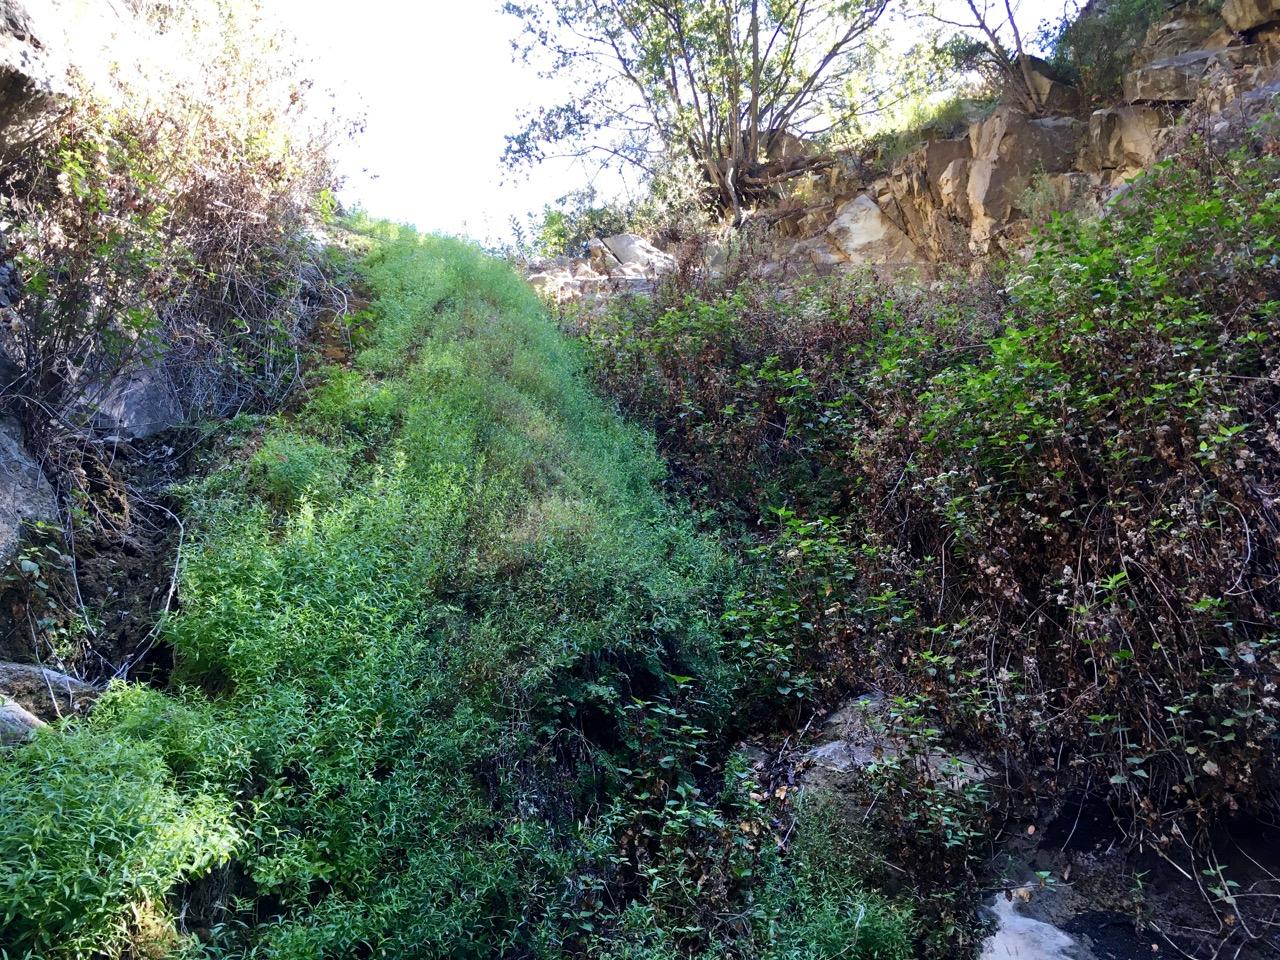 View of the waterfall at the end of San Ysidro Trail near Santa Barbara, California